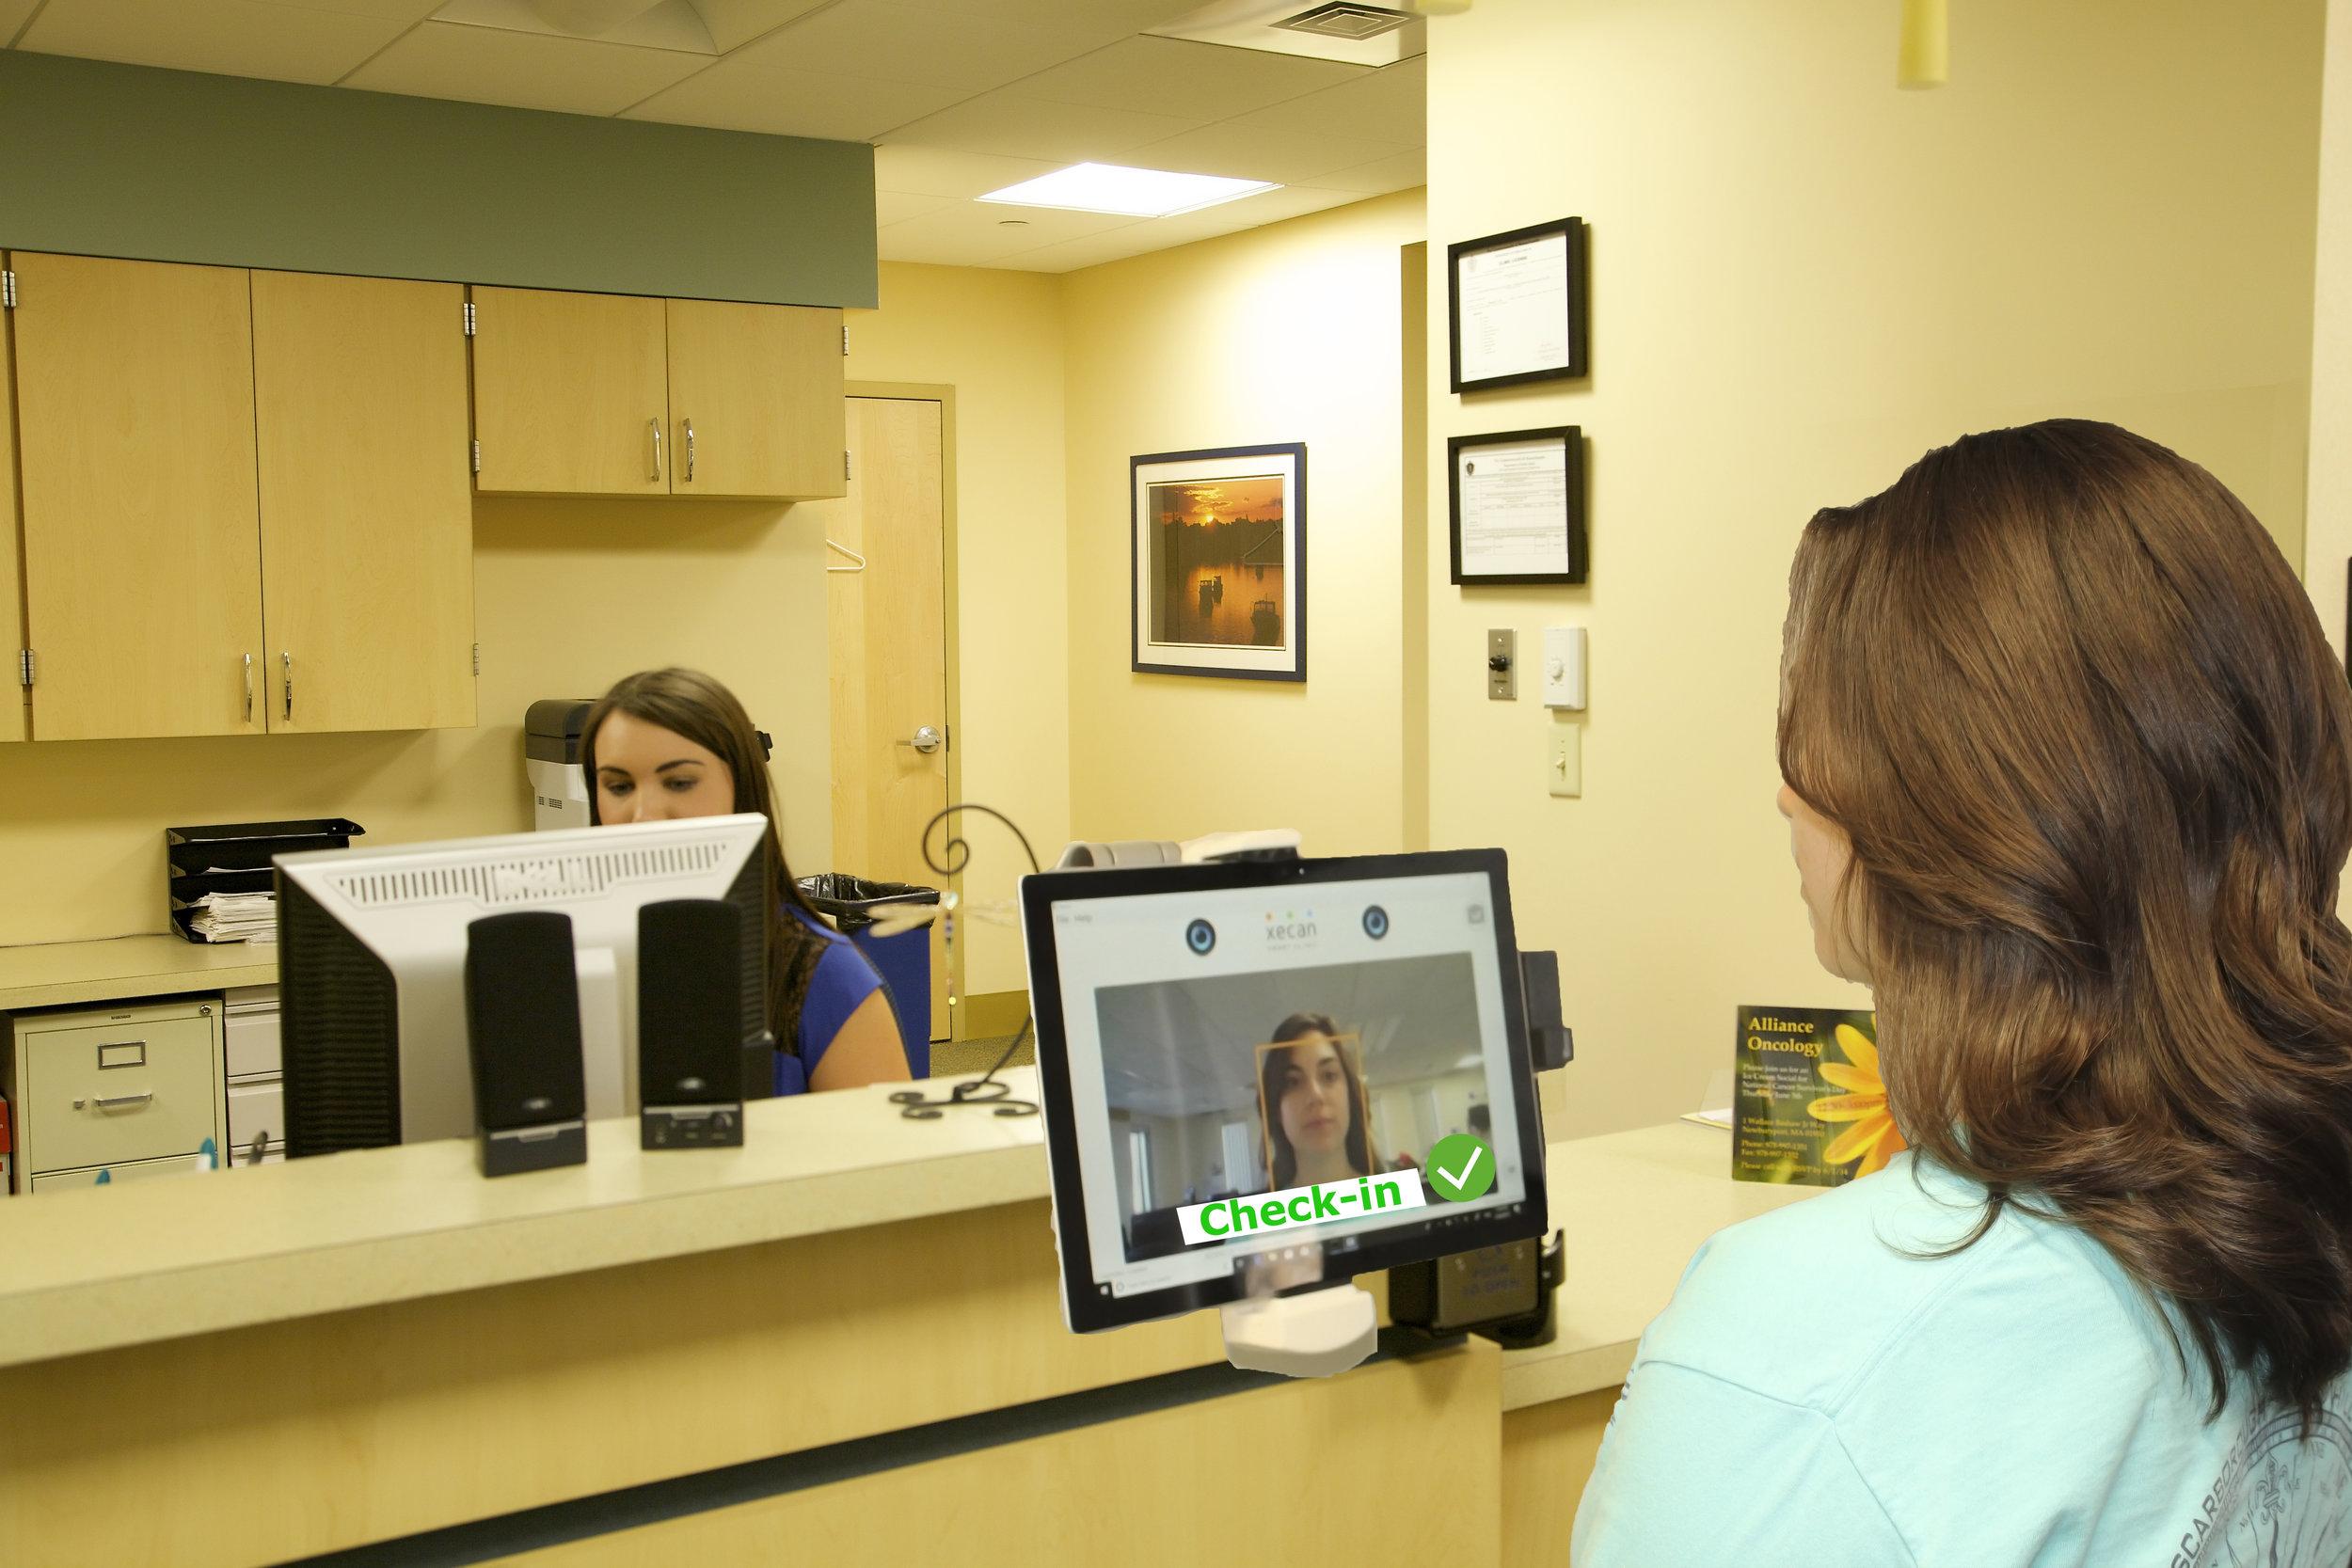 顔認証で迎えられ、順番待ちする患者